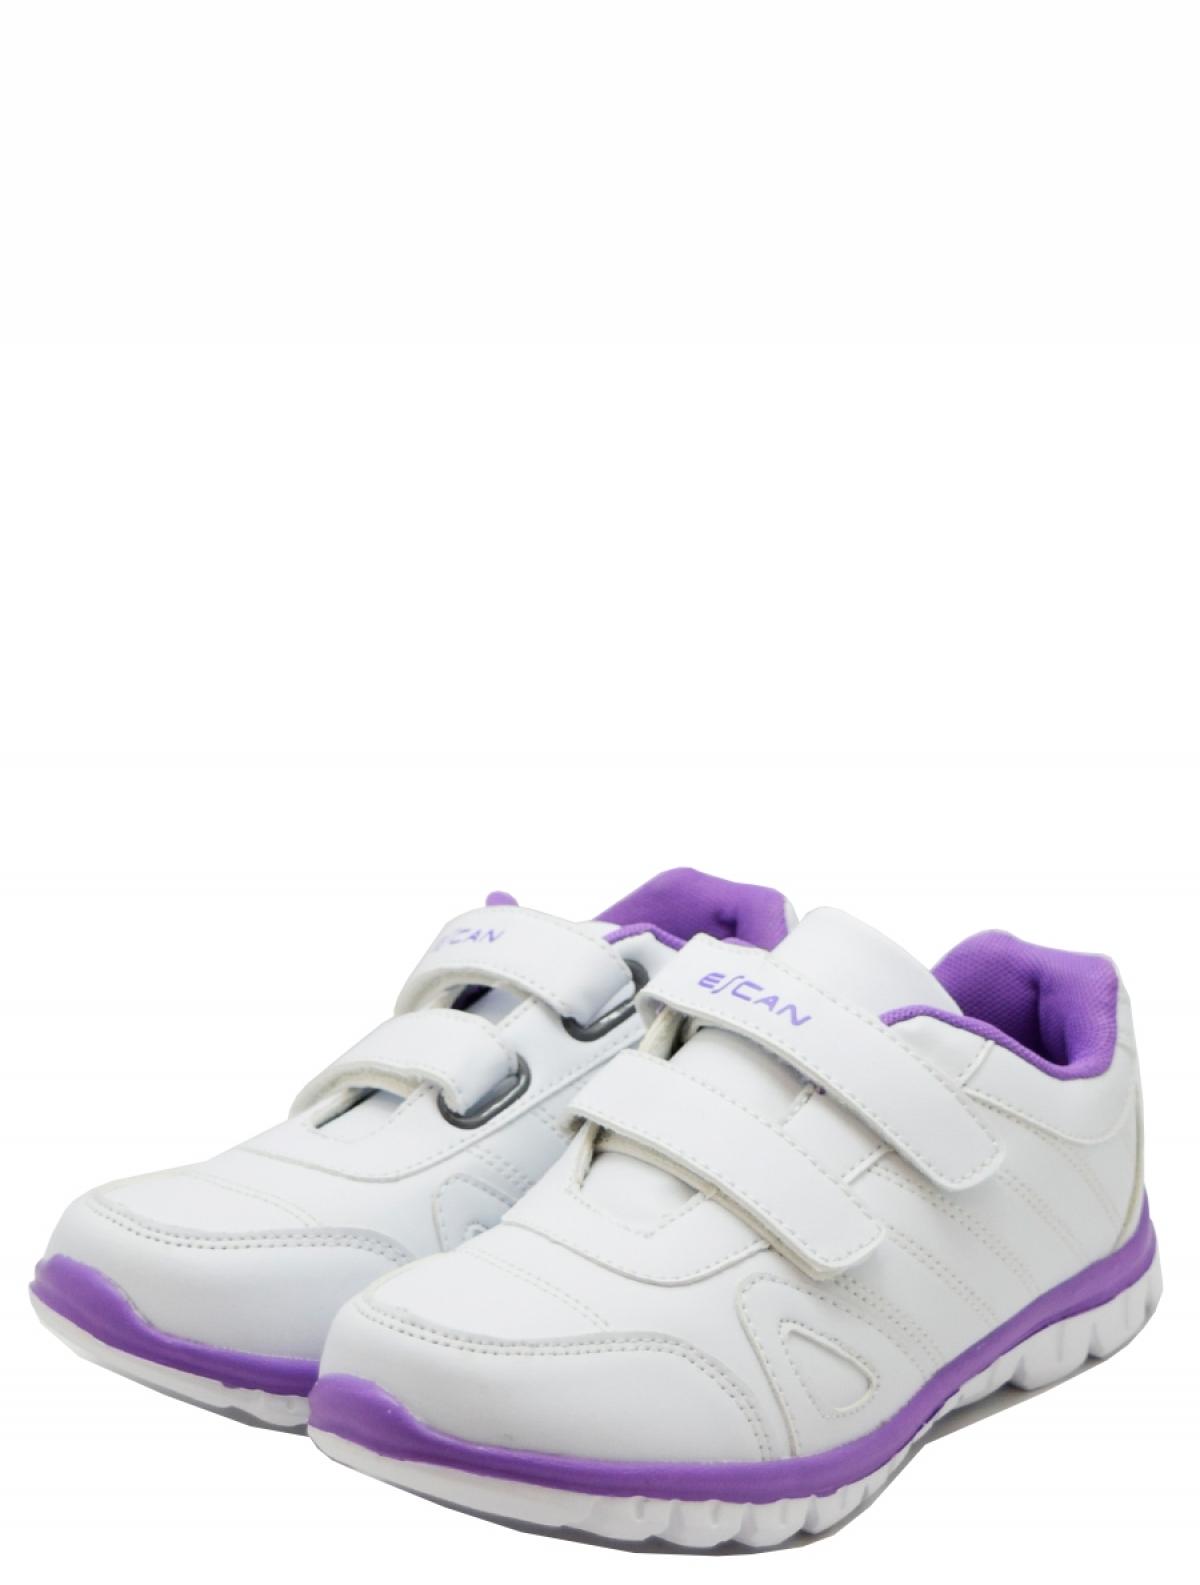 ES490030-3 кроссовки для девочки